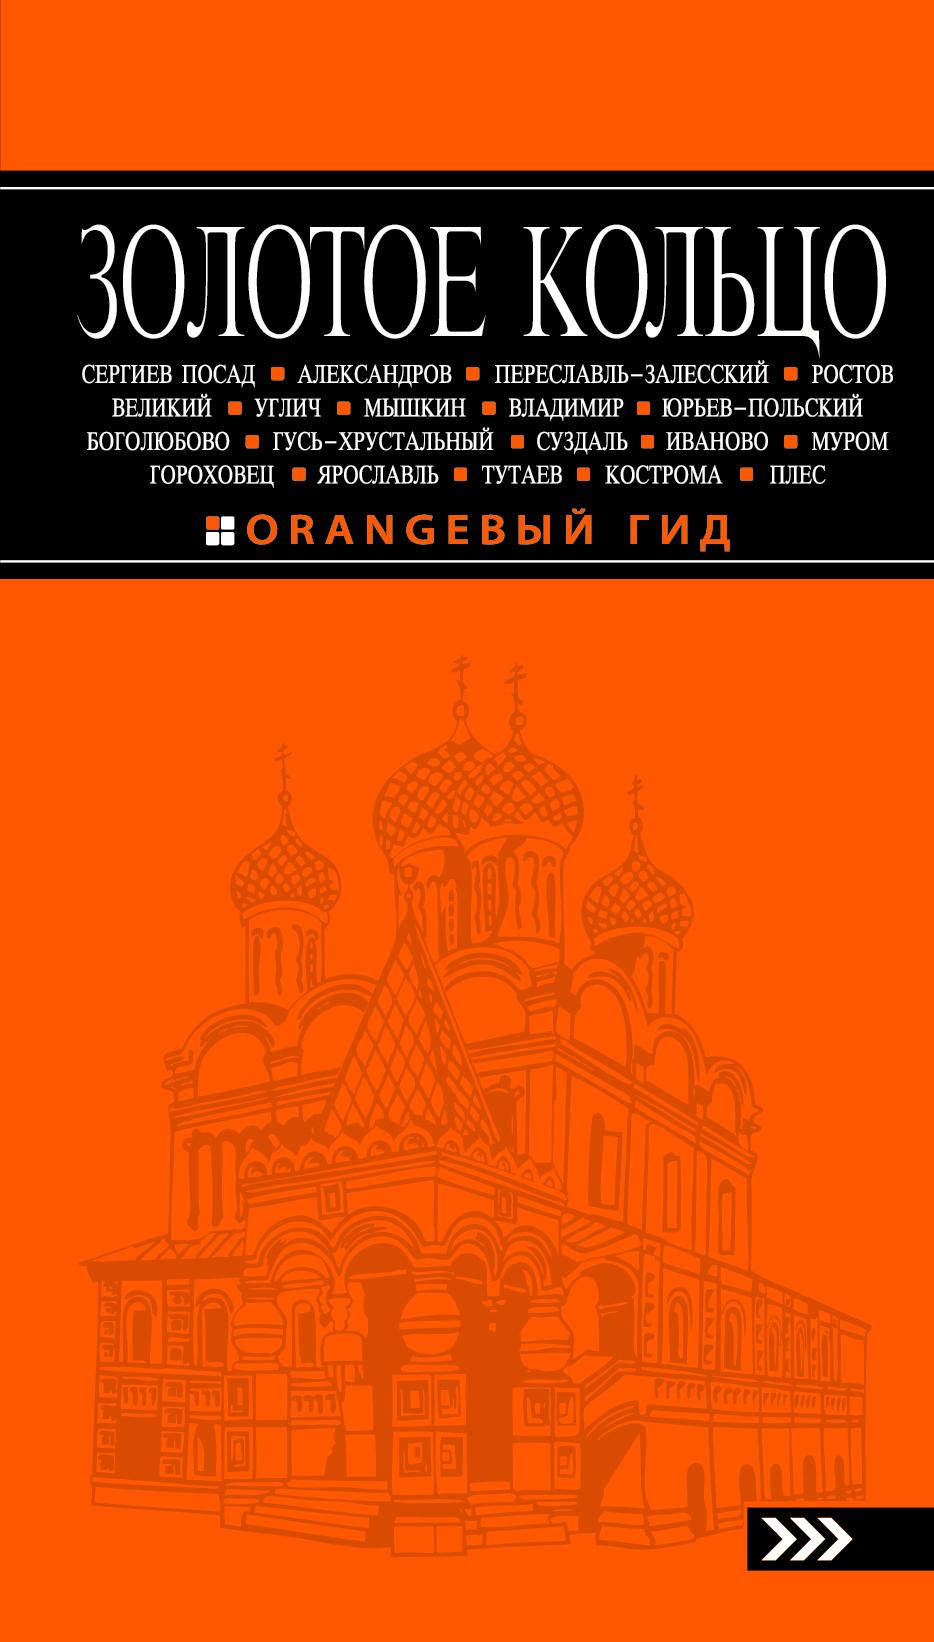 Богданова С.Ю. Золотое кольцо: путеводитель. 4-е изд., испр. и доп.